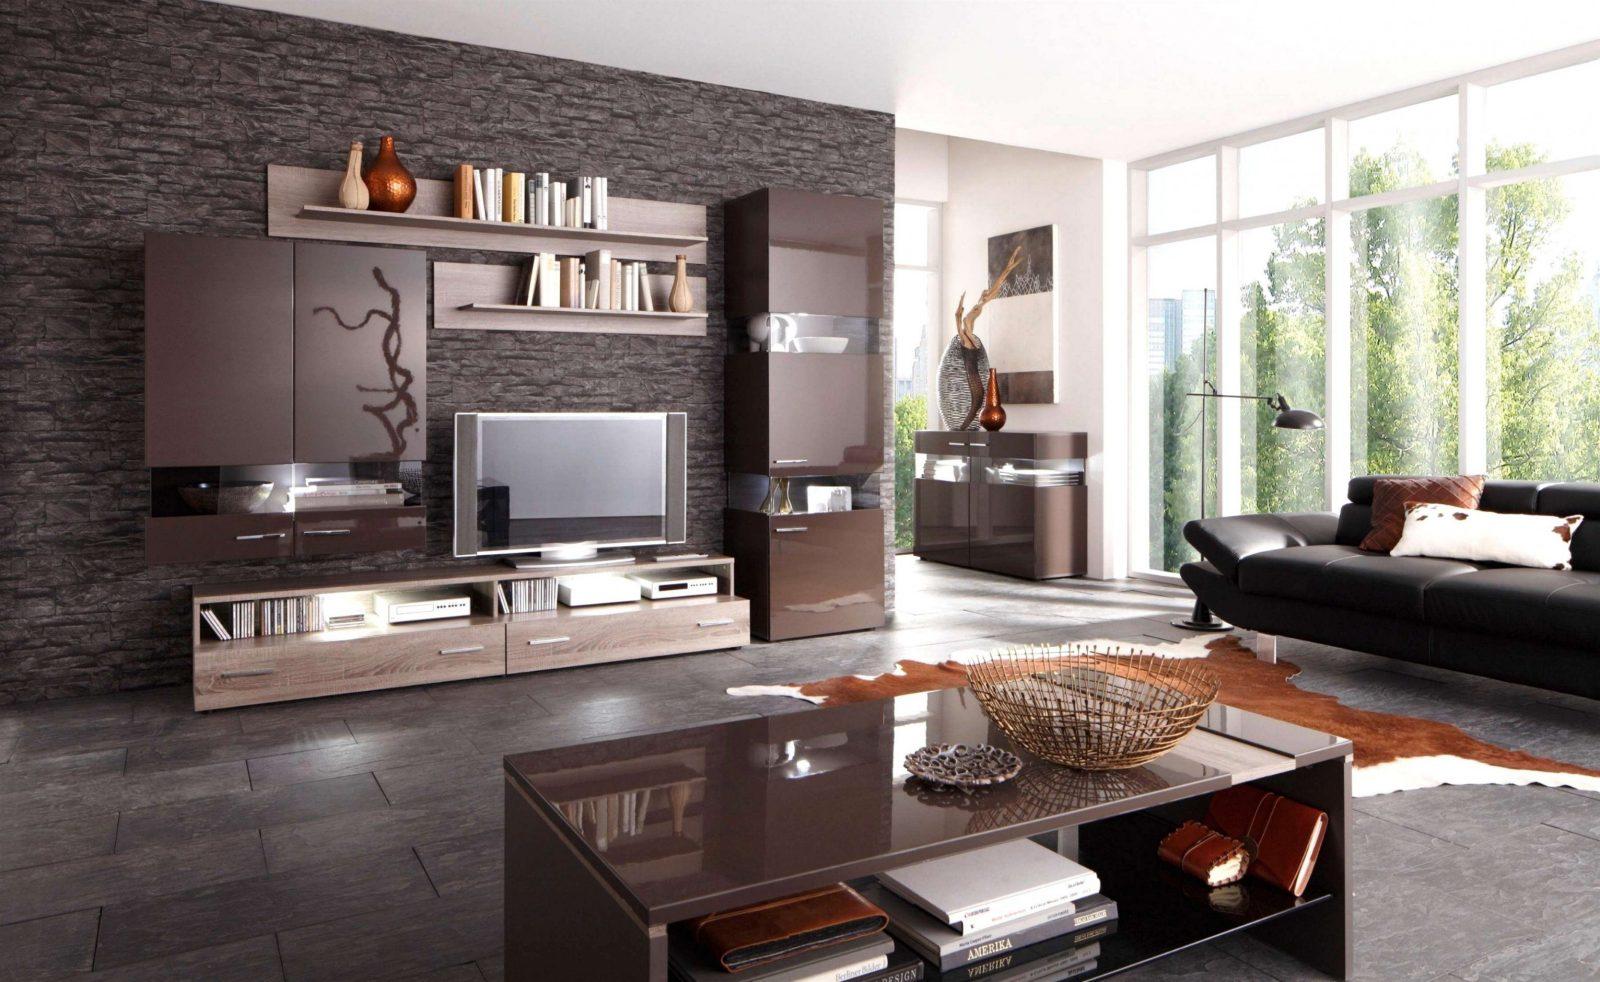 30 Qm Wohnung Einrichten Home Ideen Mit 30 Qm Wohnung Und 30 Qm von 30 Qm Wohnung Einrichten Photo